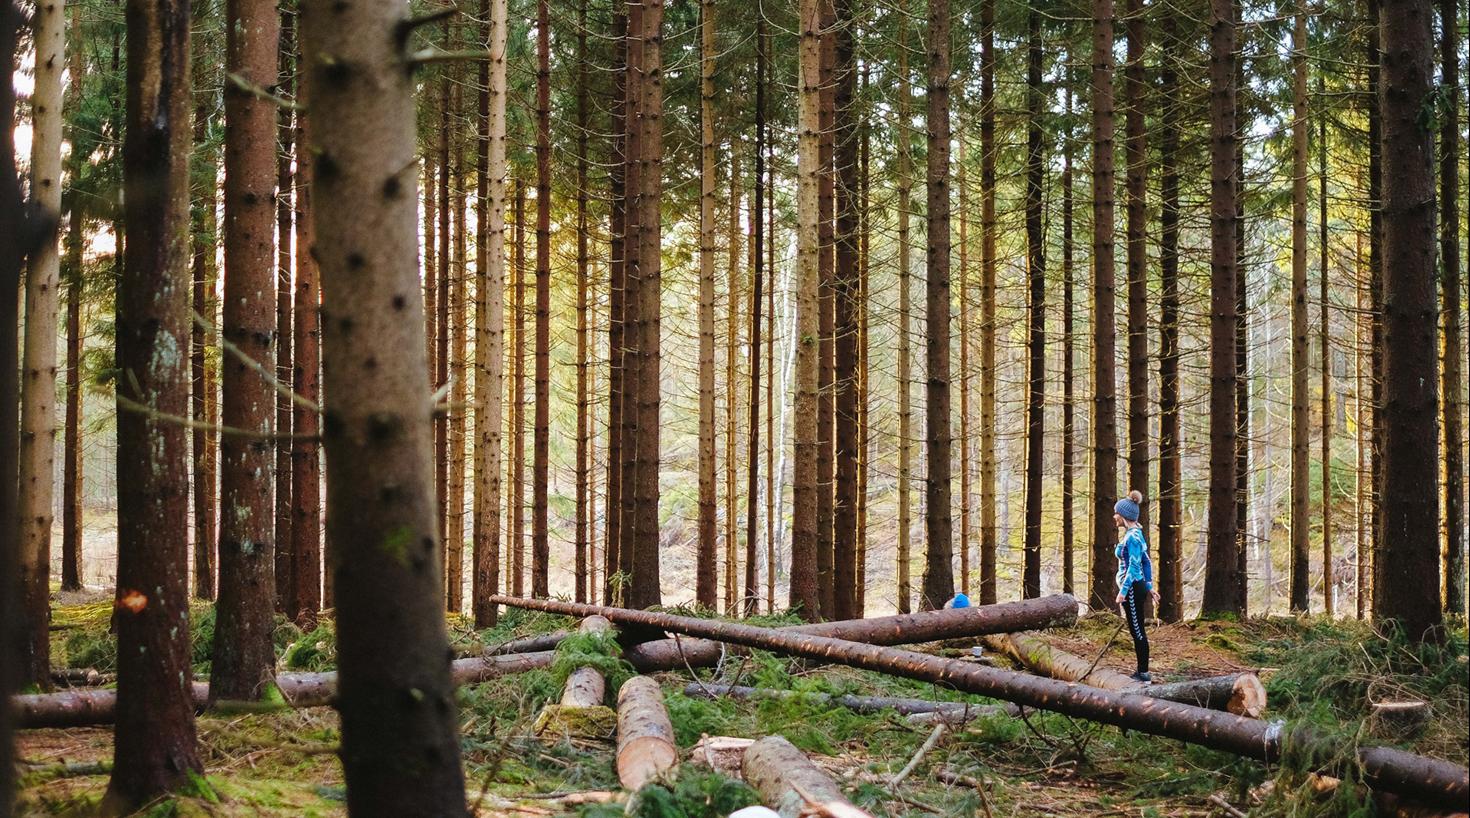 Dame i skog full av trær  CX-prosess